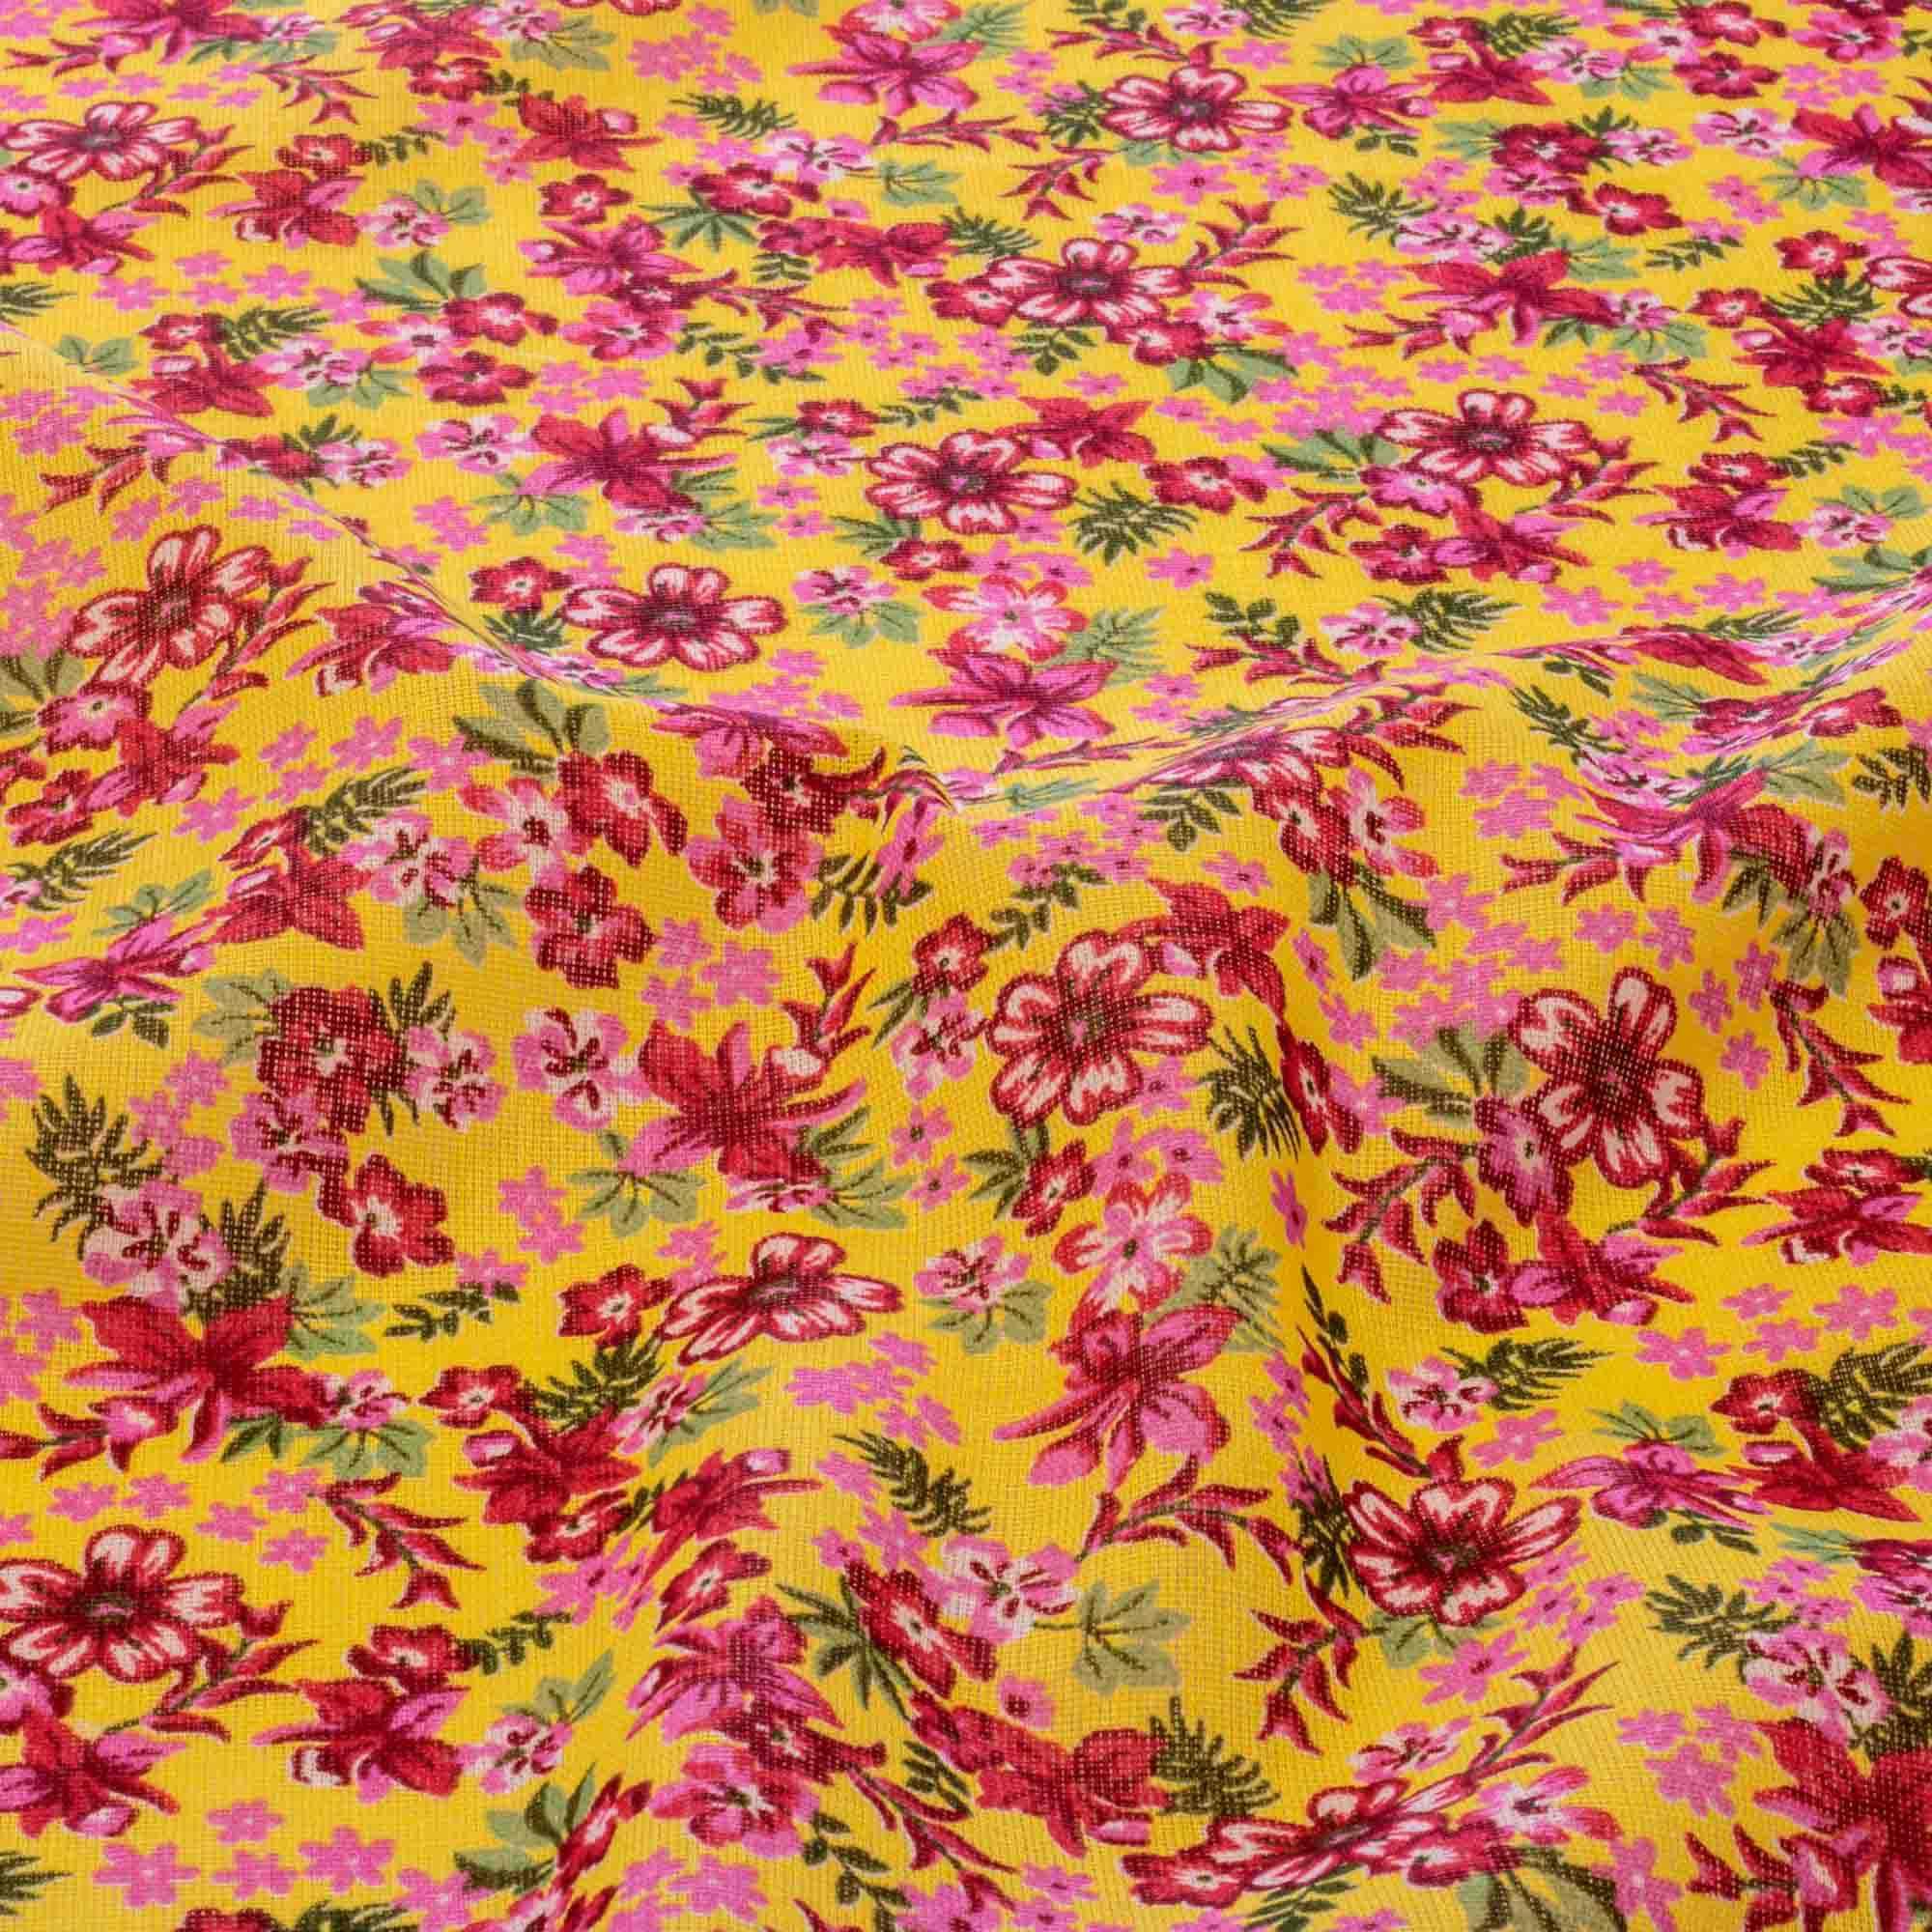 Tecido Chita Estampada Flores Marsala 100% Algodão Amarelo